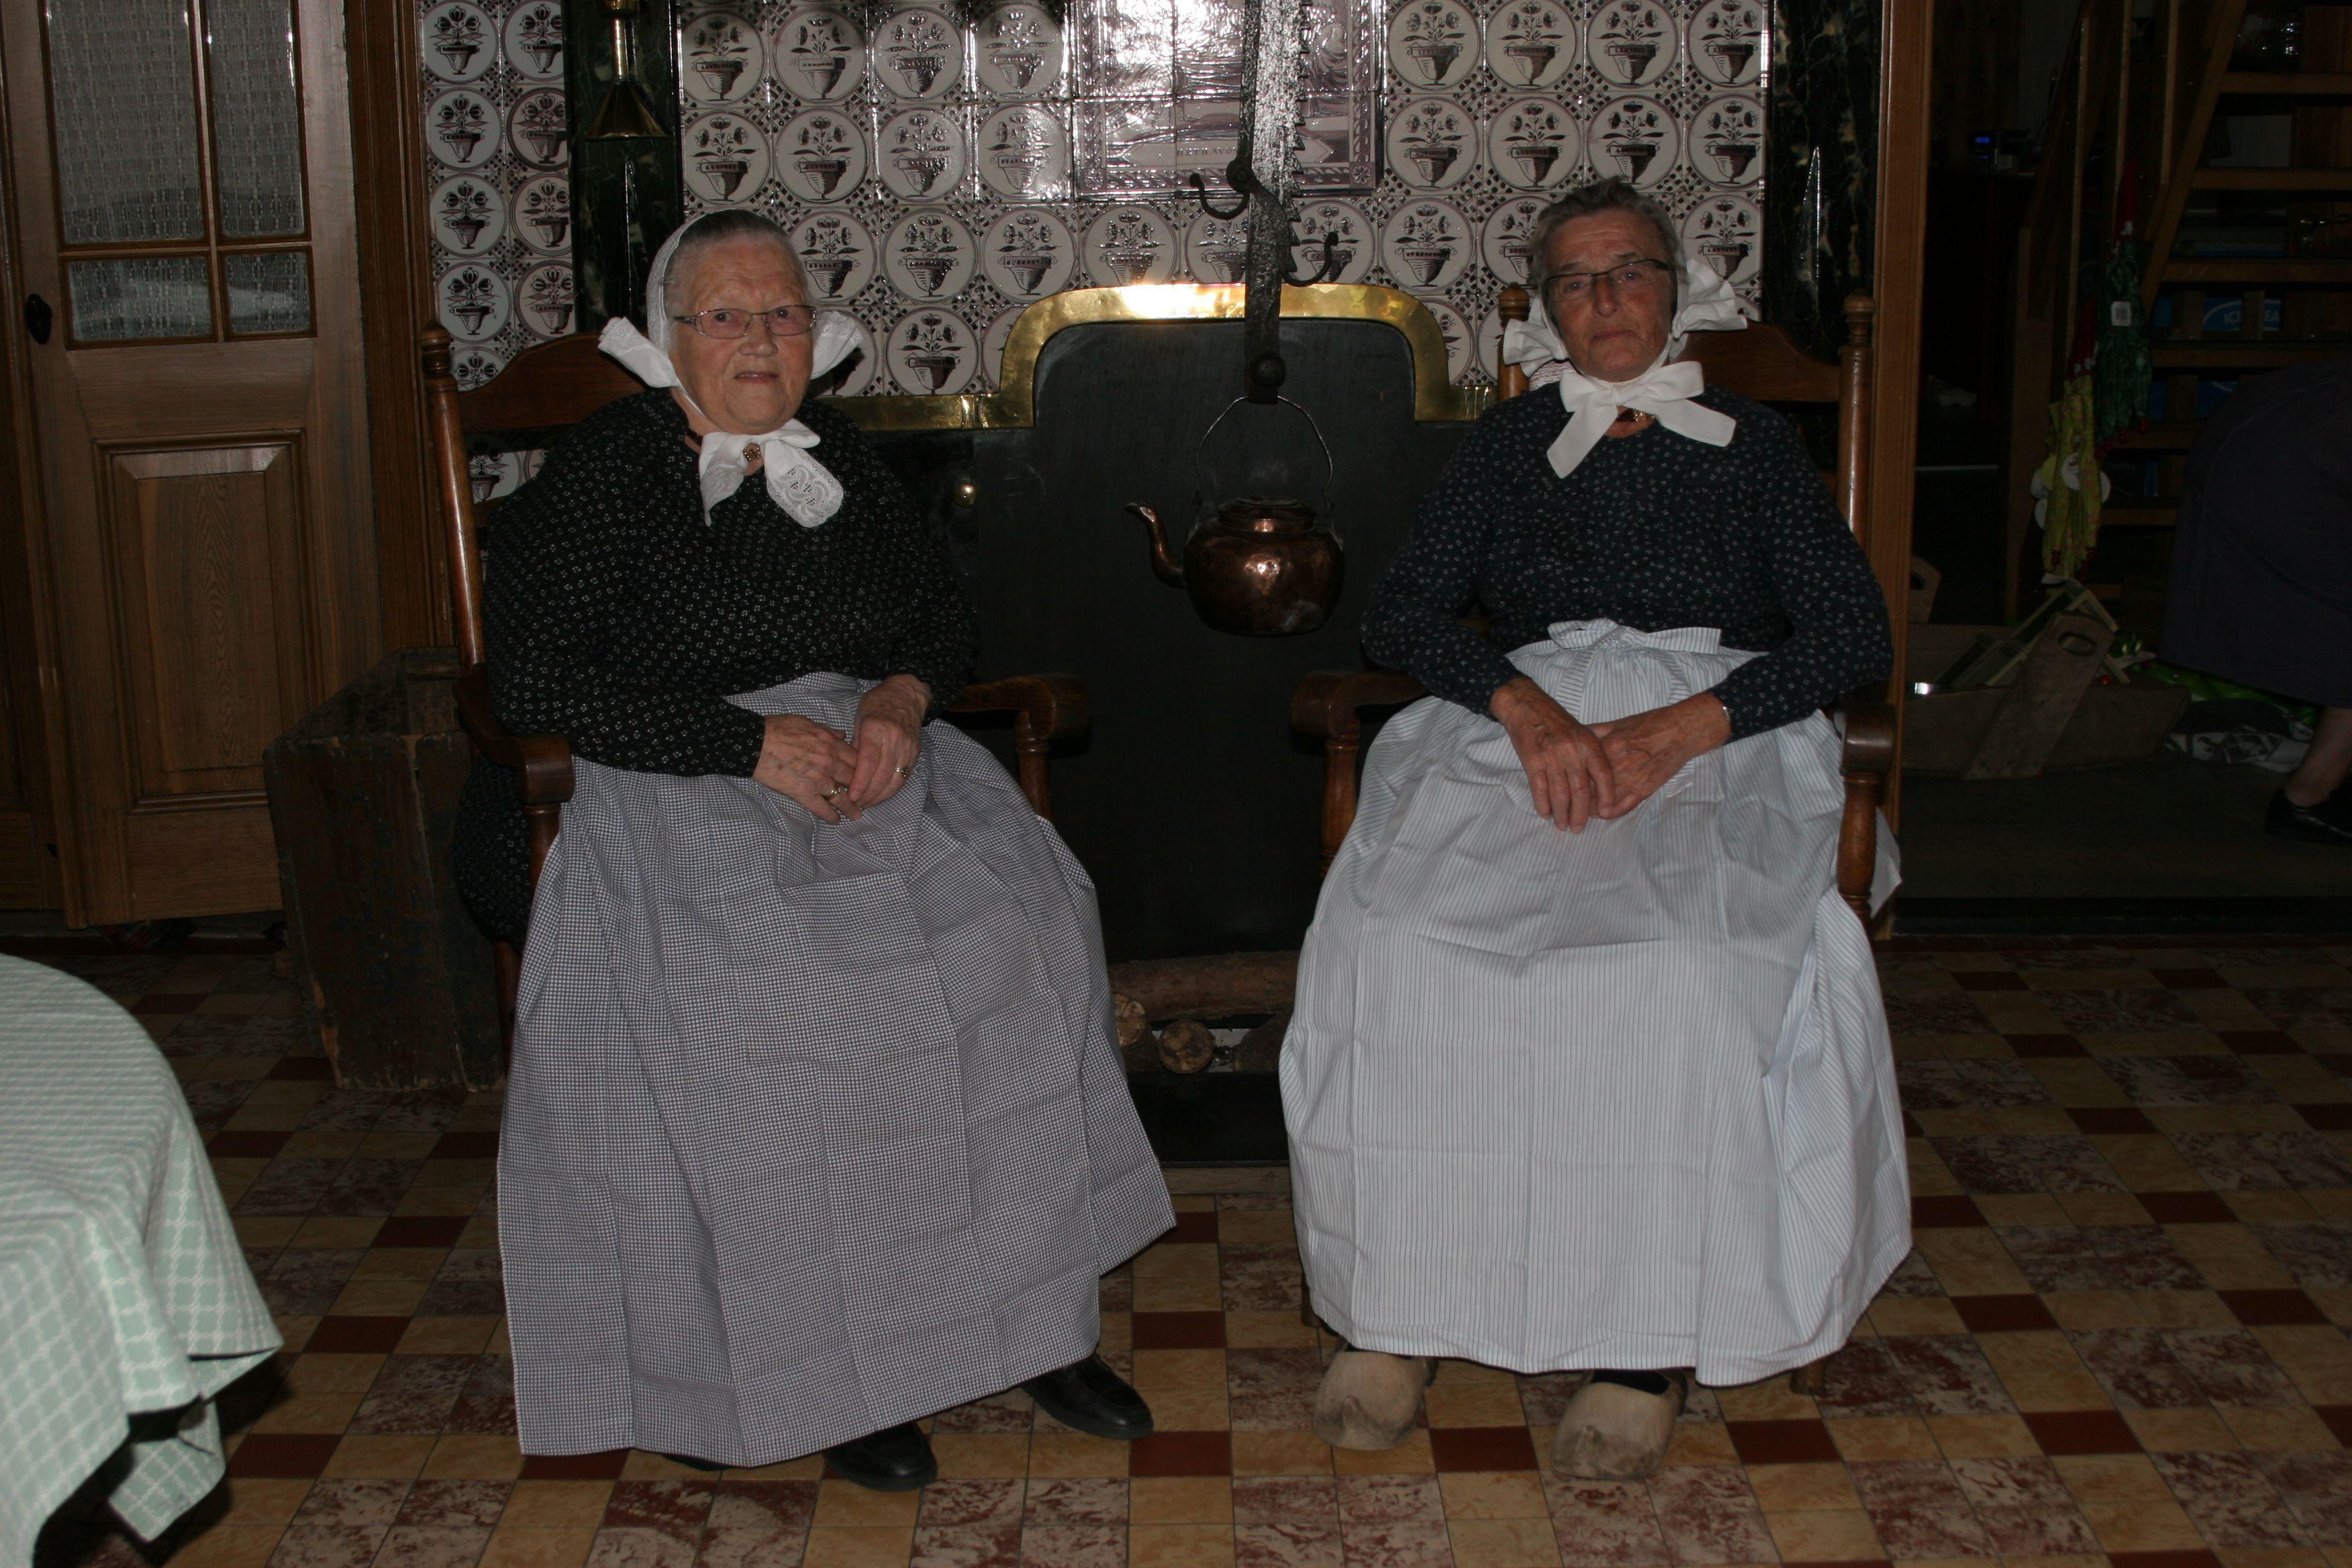 Rijssense vrouwen in de daagse klederdracht